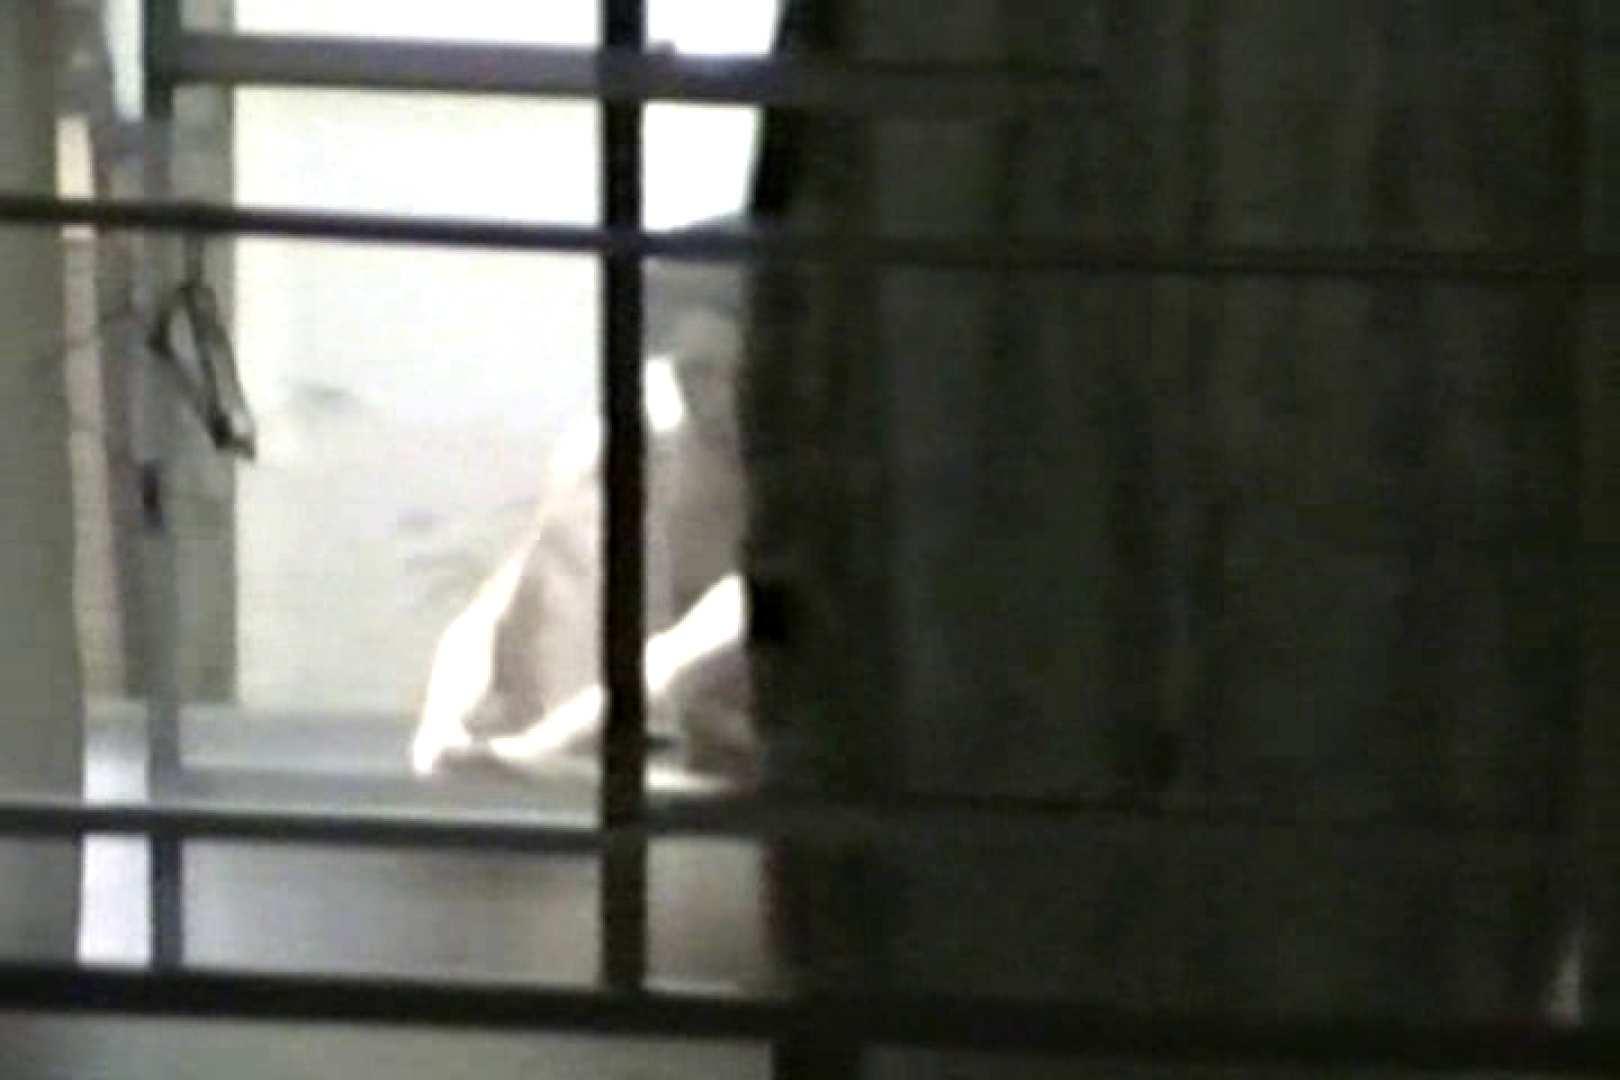 究極の民家覗き撮りVol.4 望遠 オマンコ動画キャプチャ 73pic 35